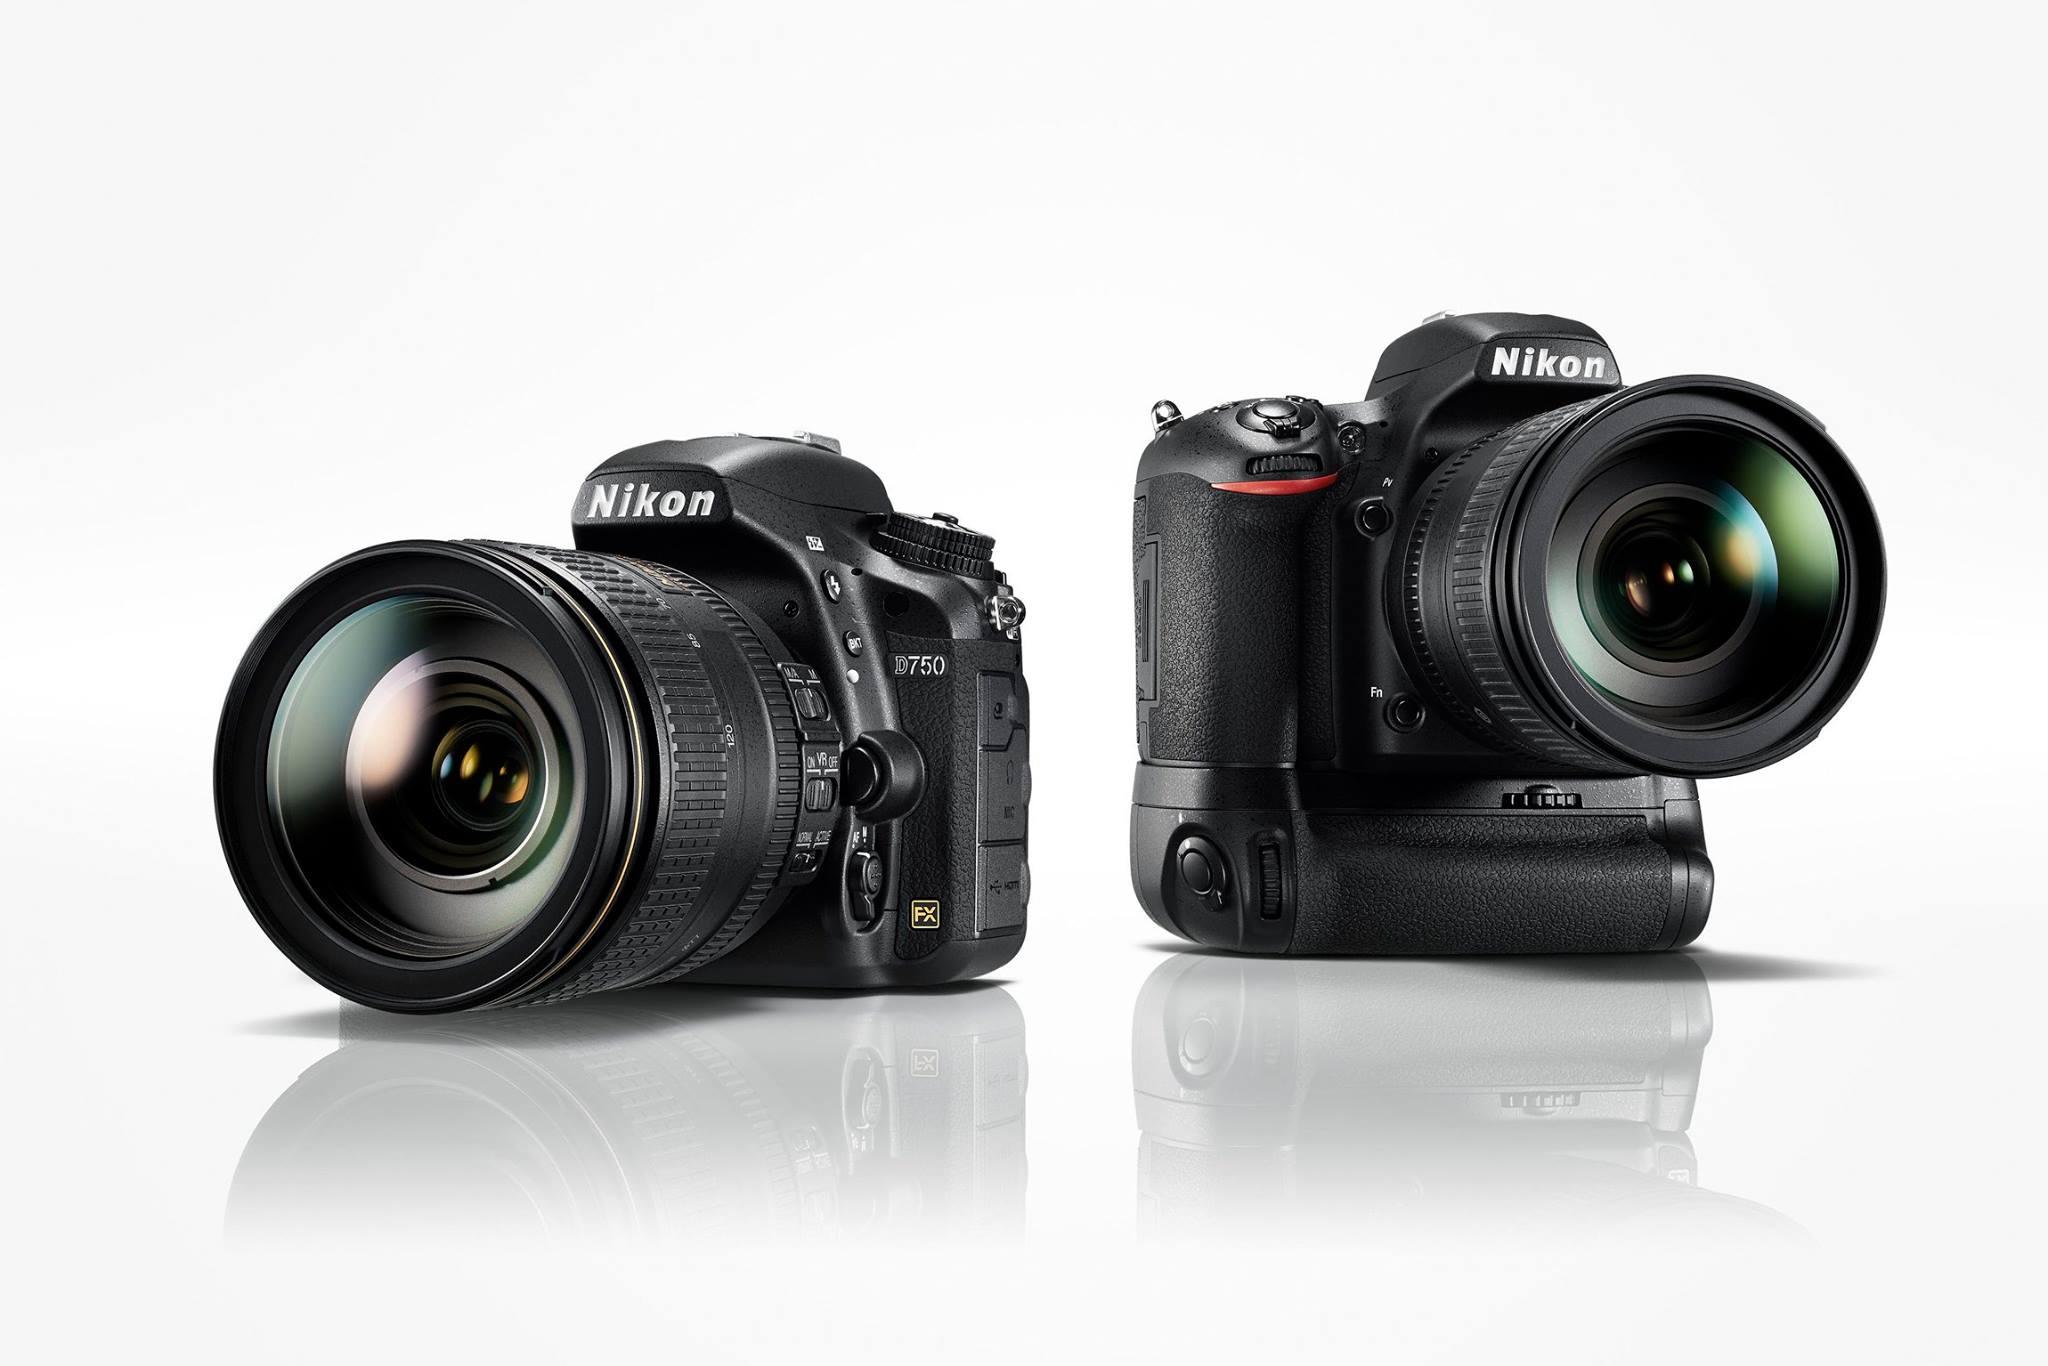 Nikon D810 ve D750 Yazılım Güncellemesi Yayınlandı [Firmware]